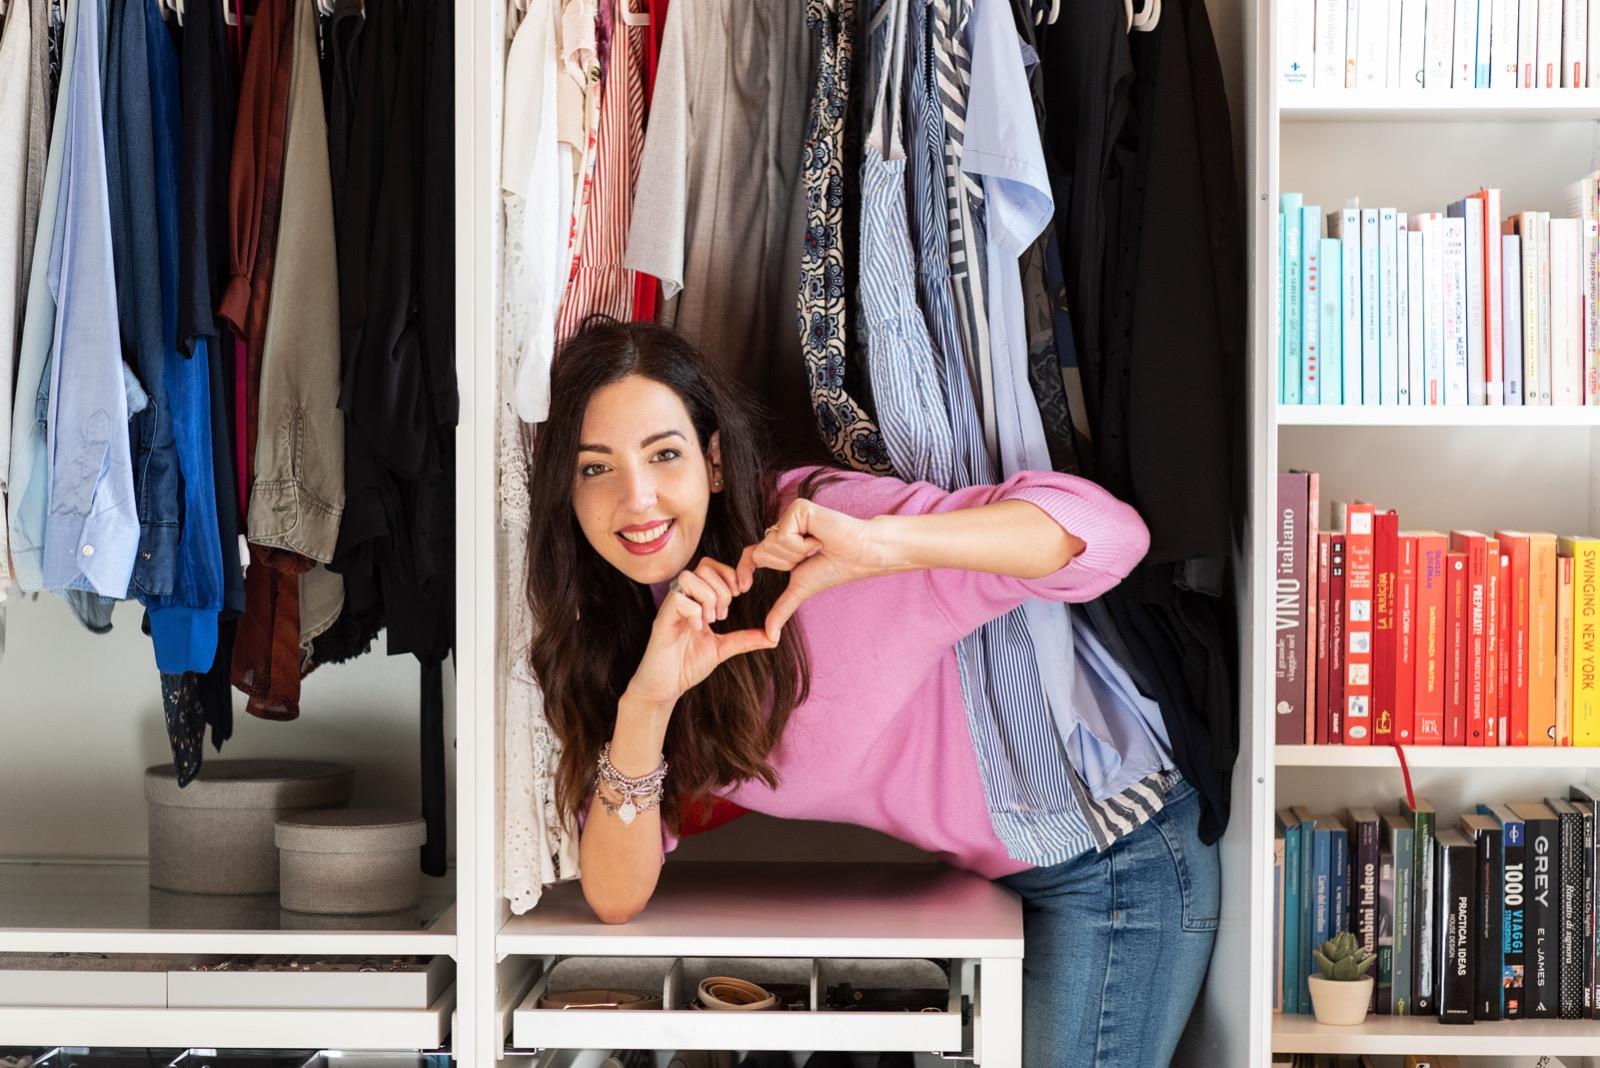 Come riordinare casa e trovare il proprio equilibrio: intervista a Erika Lombardo, professional organizer